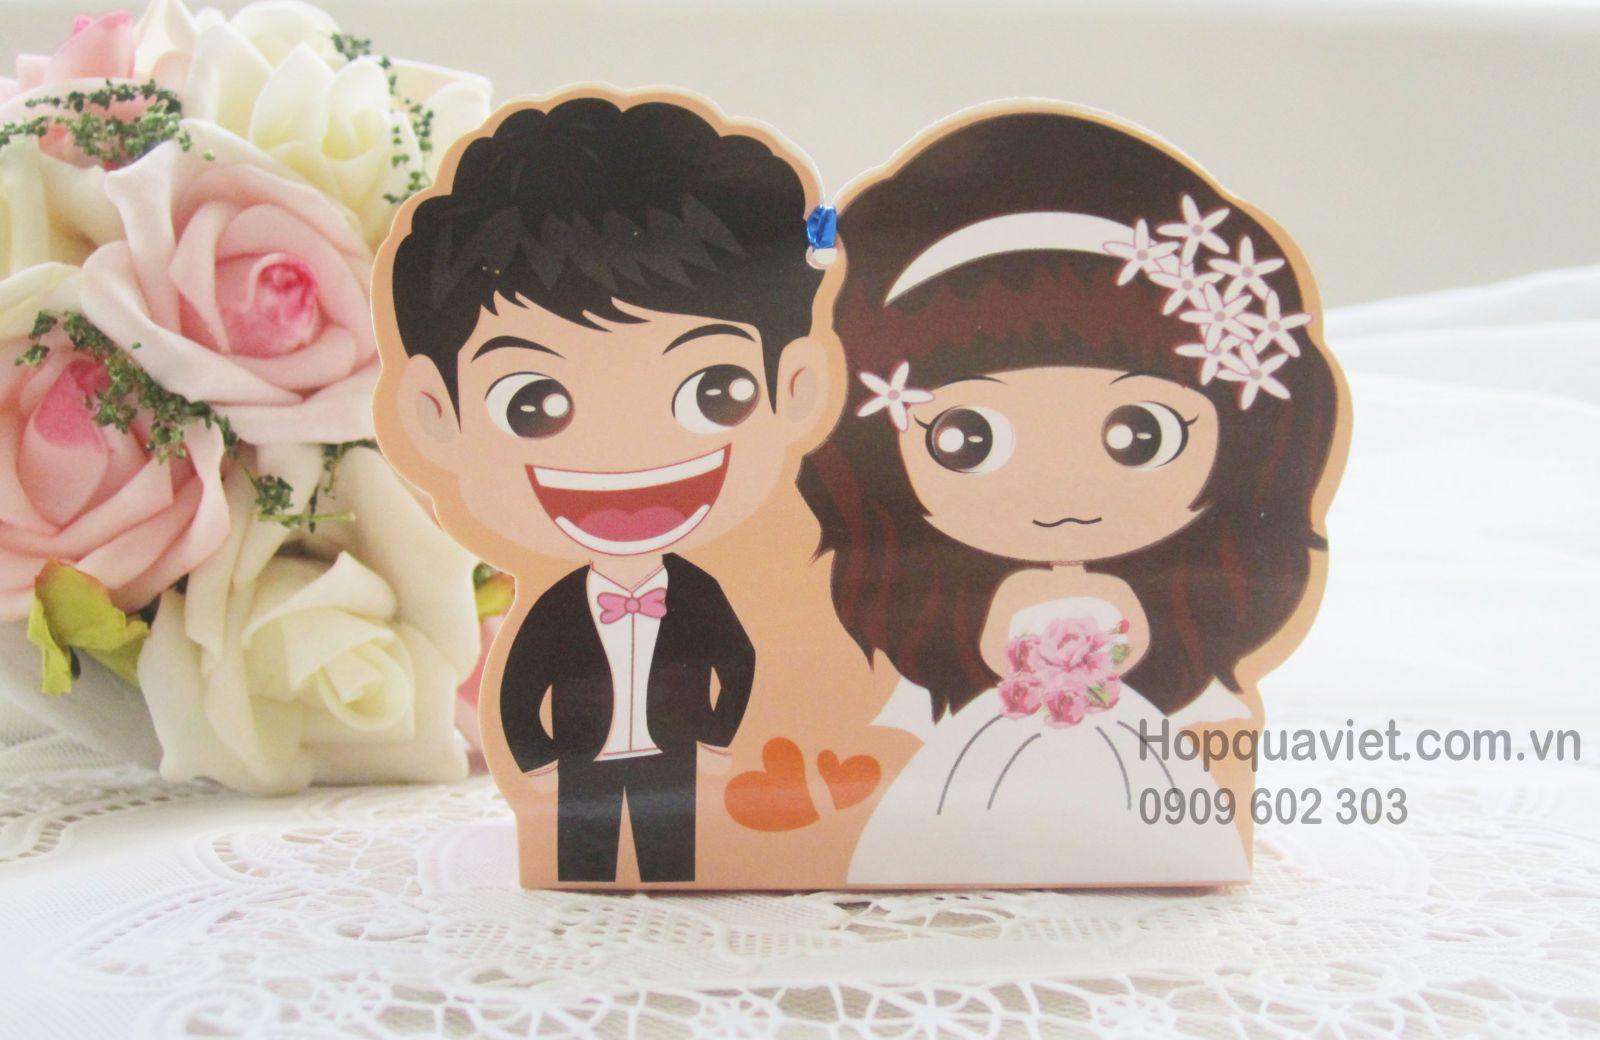 Hộp quà cưới cô dâu-chú rể đáng yêu 13V (chỉ còn 100 hộp)